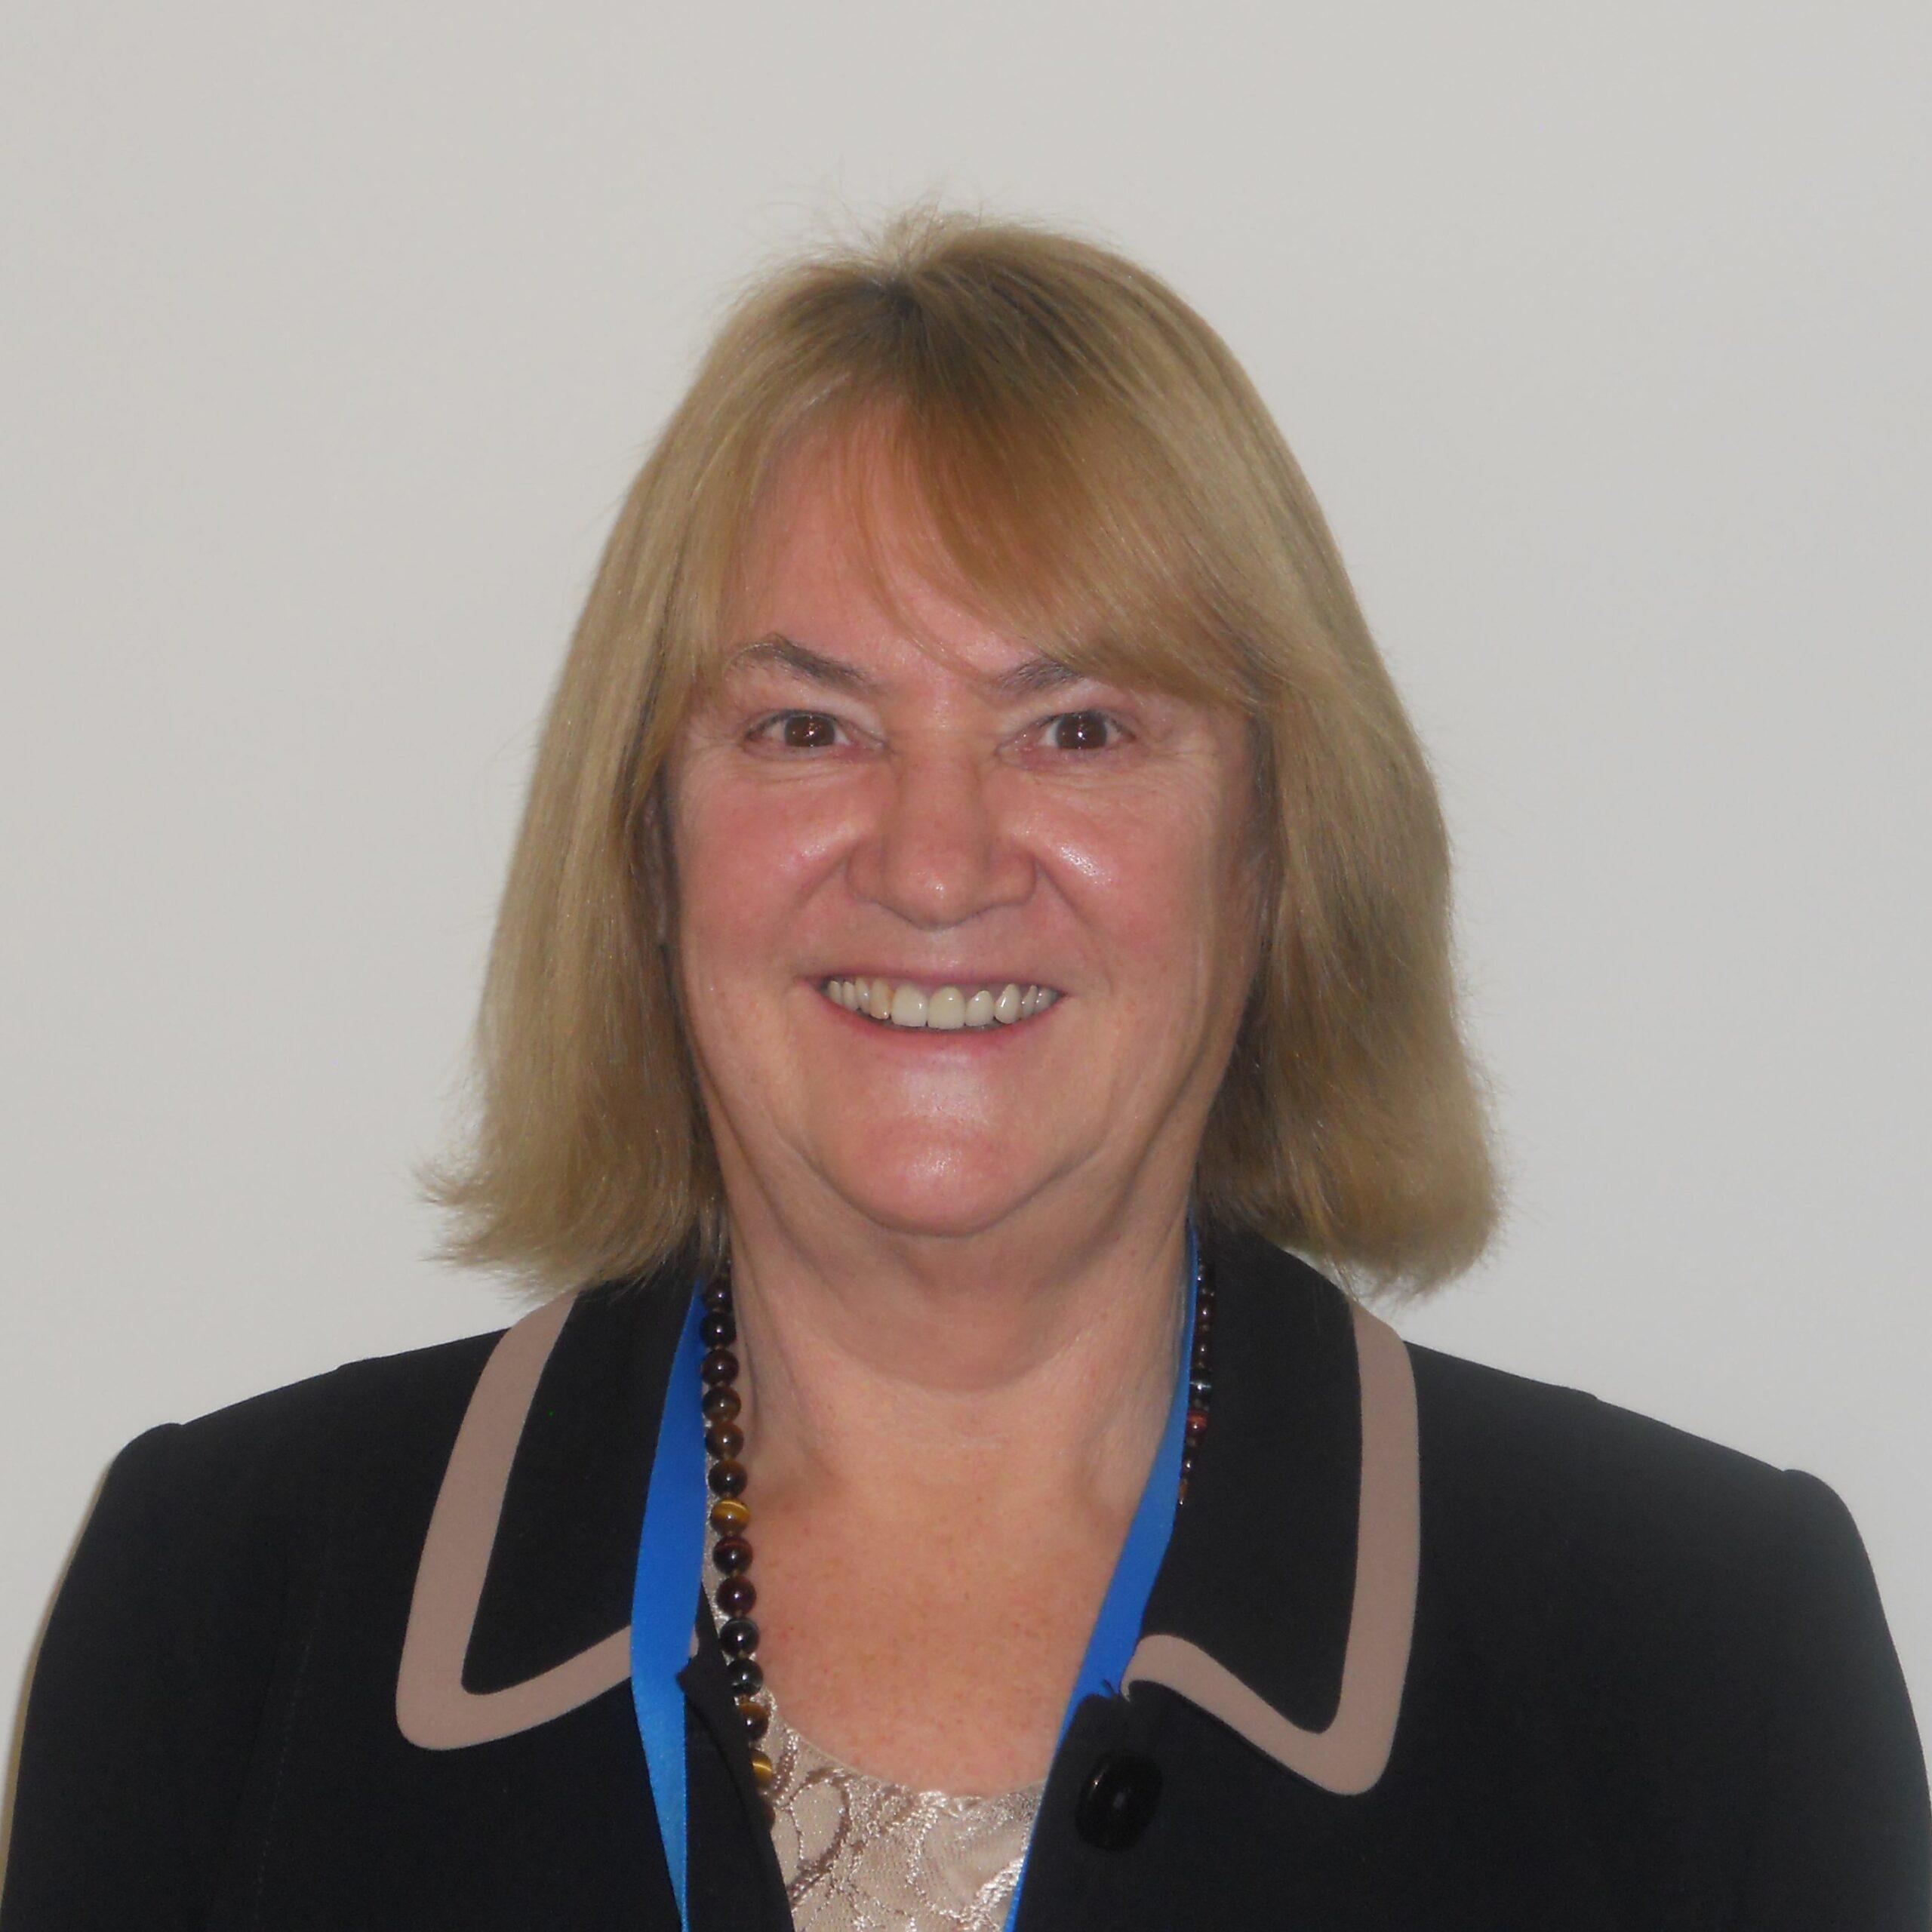 Dame Gill Morgan